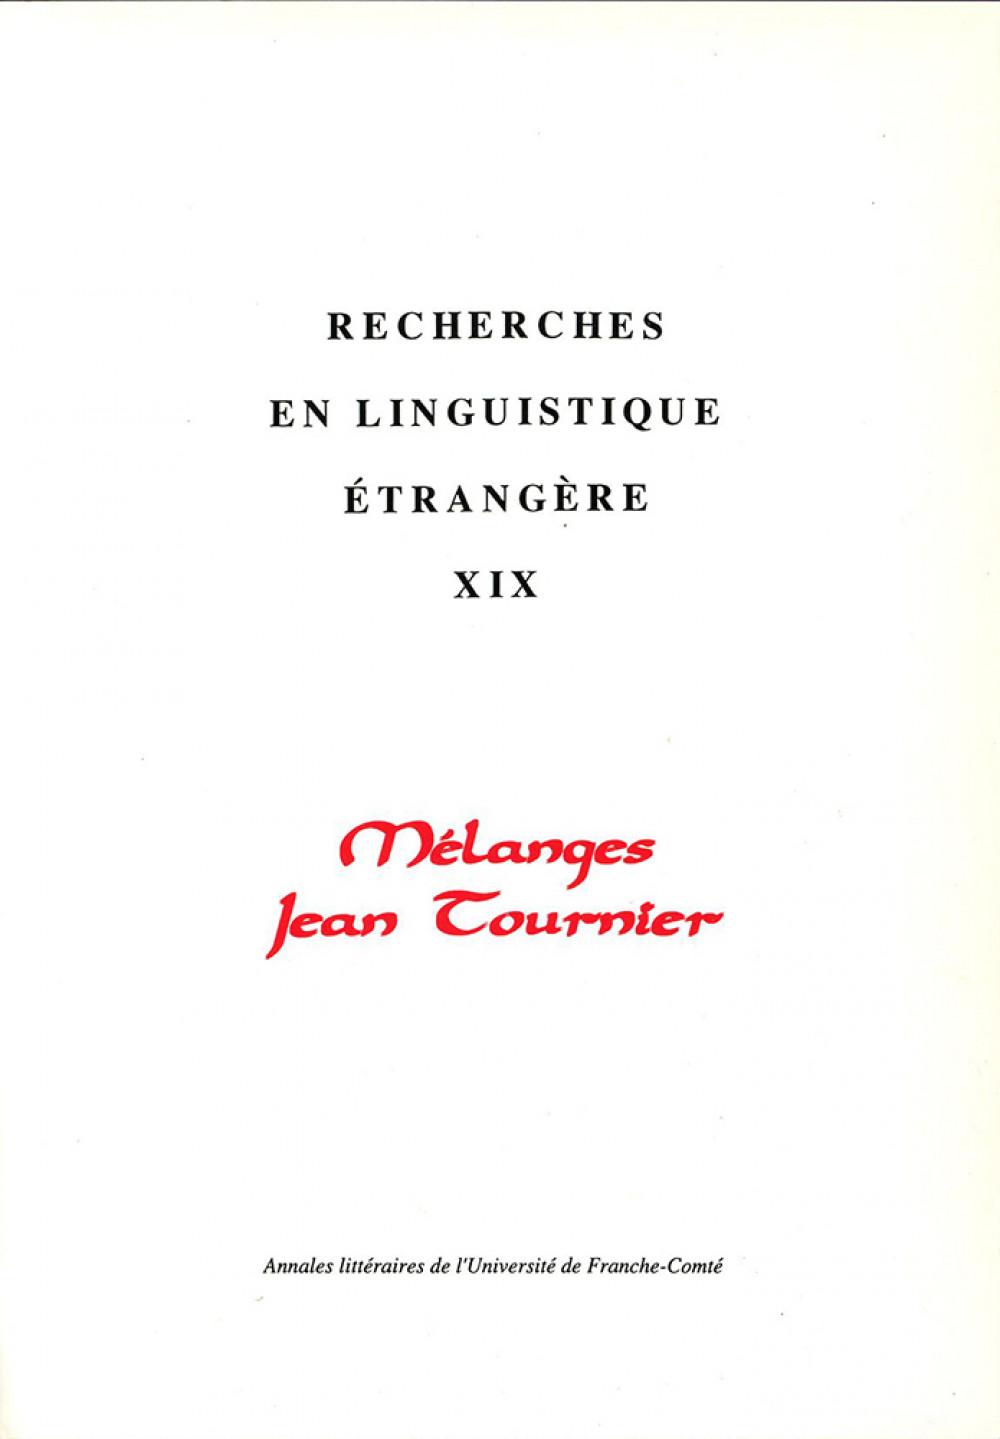 Mélanges Jean Tournier